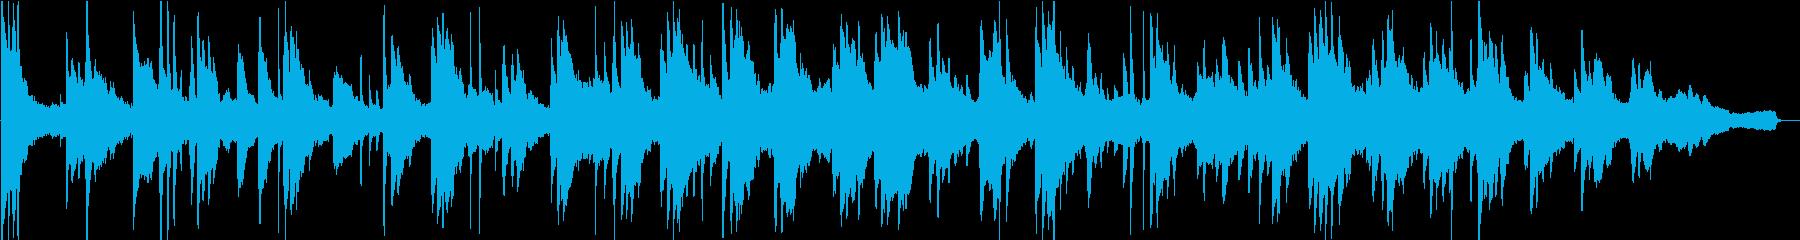 ヒーリングピアノ組曲 まどろみ 1の再生済みの波形